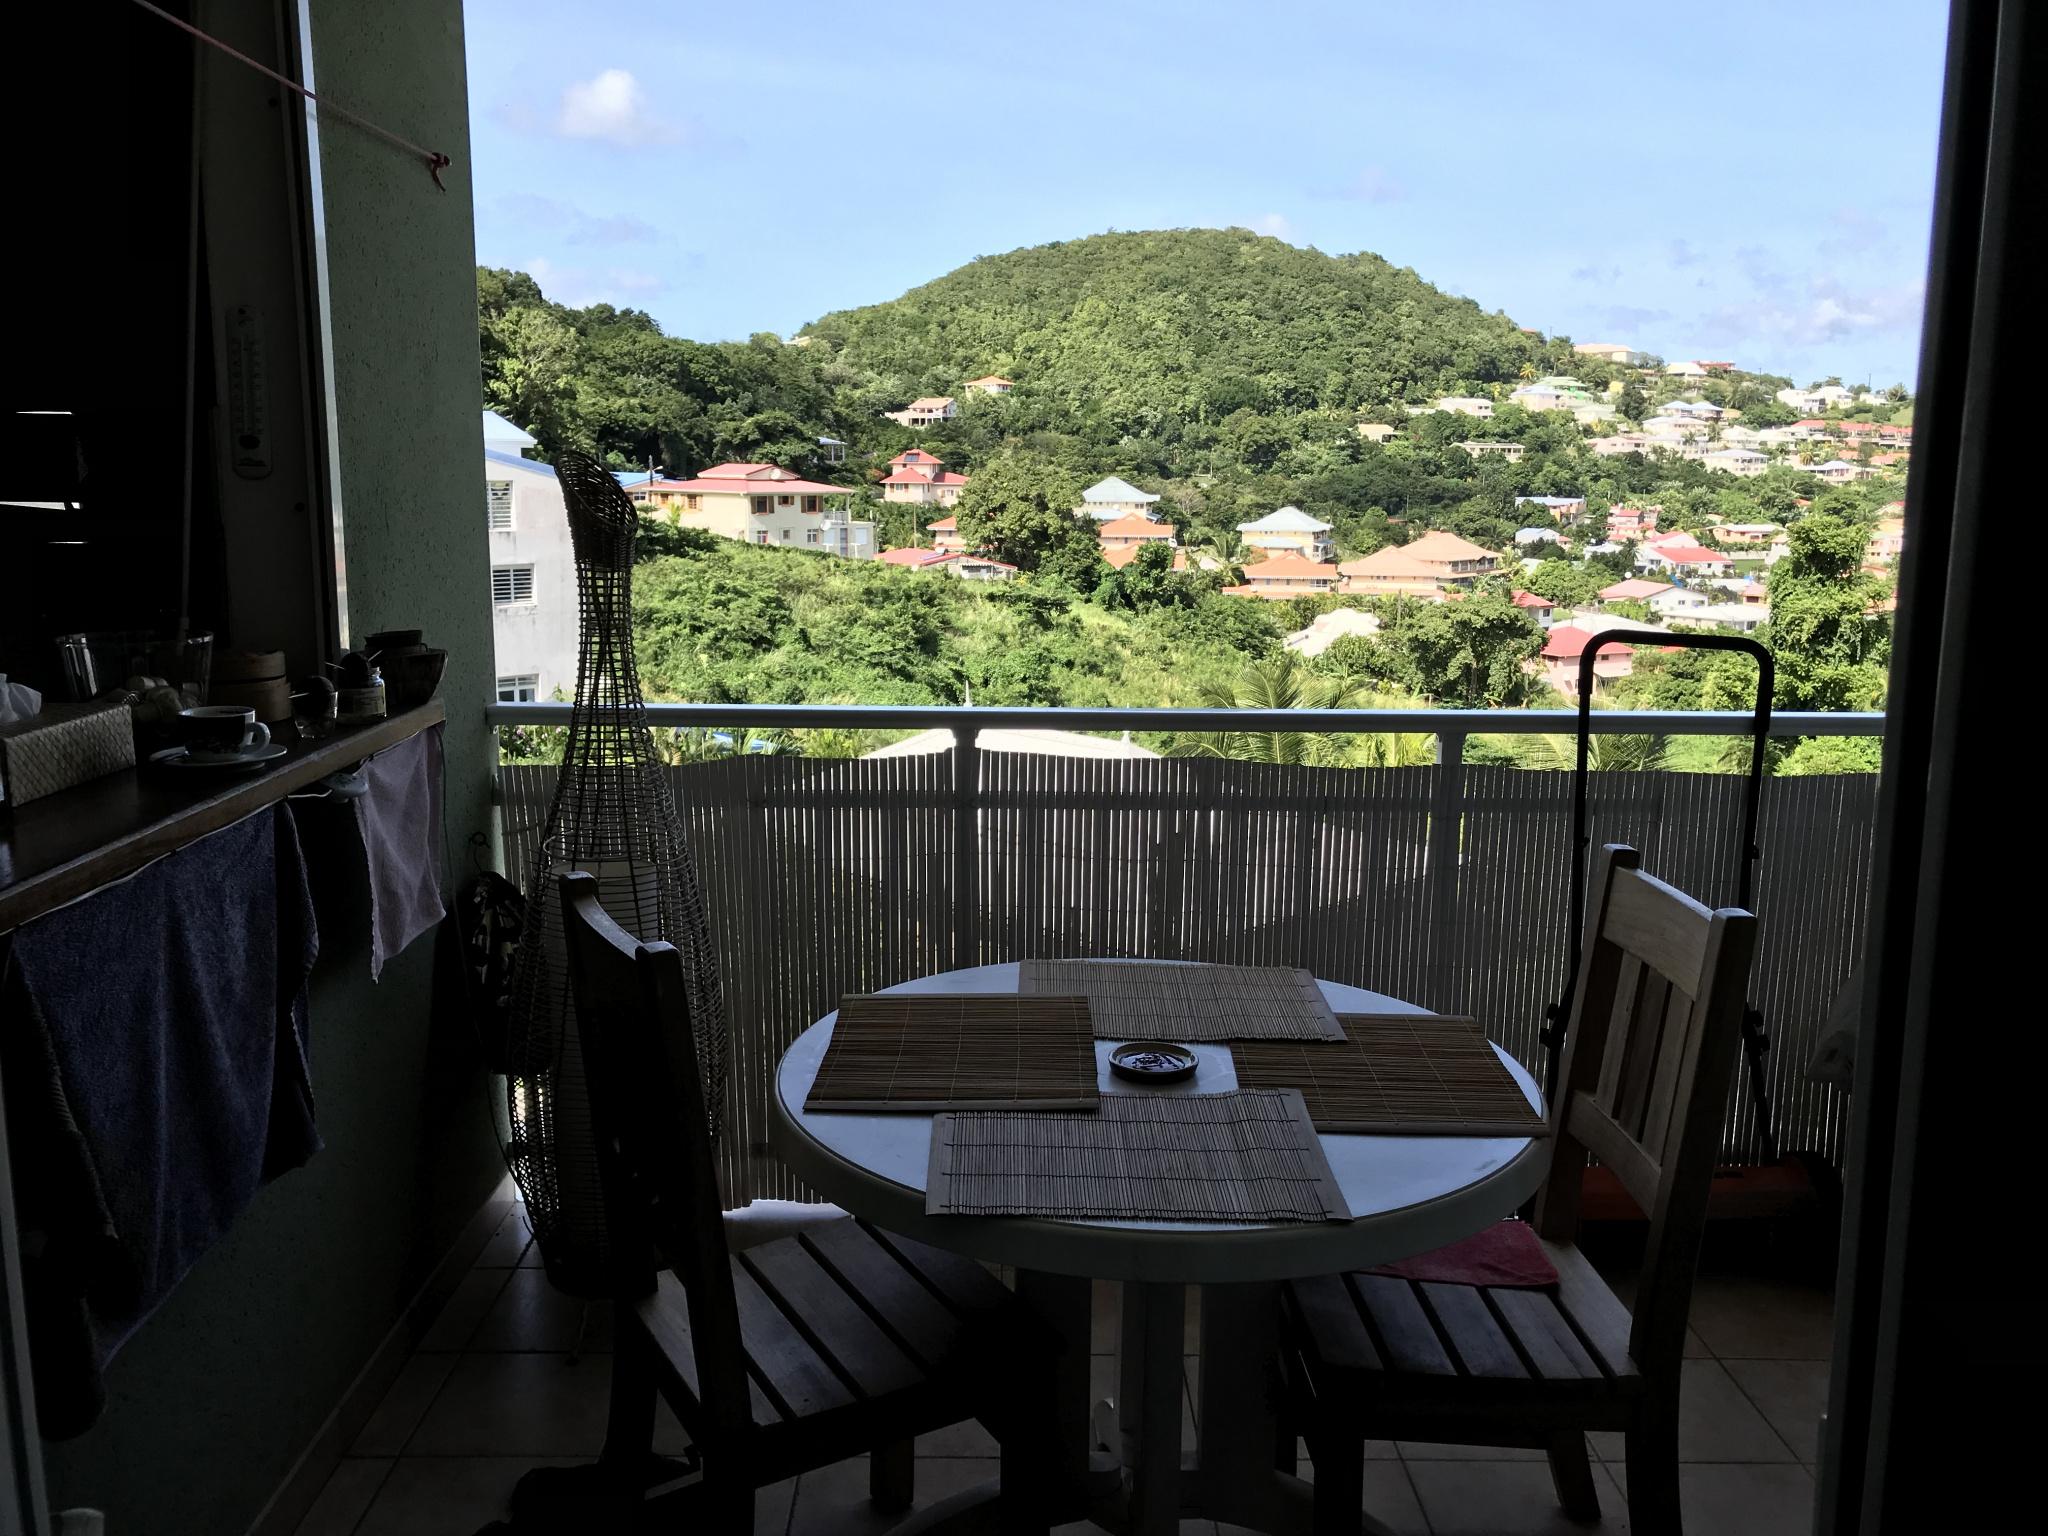 Tropic promotion immobilier en martinique 972 les trois for Ca location immobilier